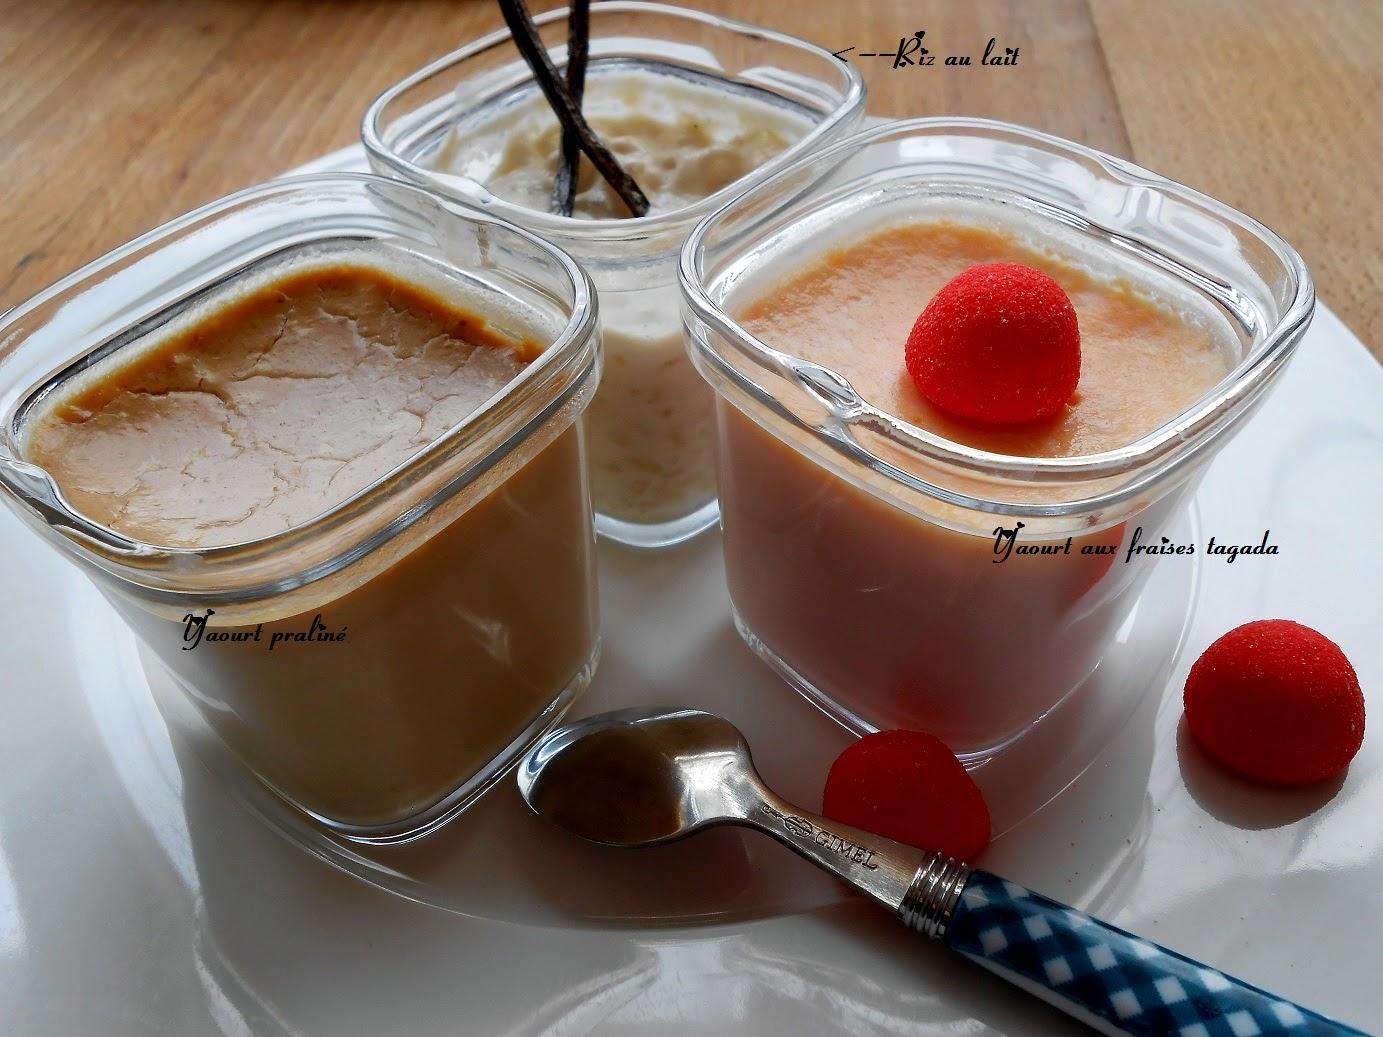 Ci dessus, Yaourt praliné, riz au lait et yaourt aux fraises Tagada.